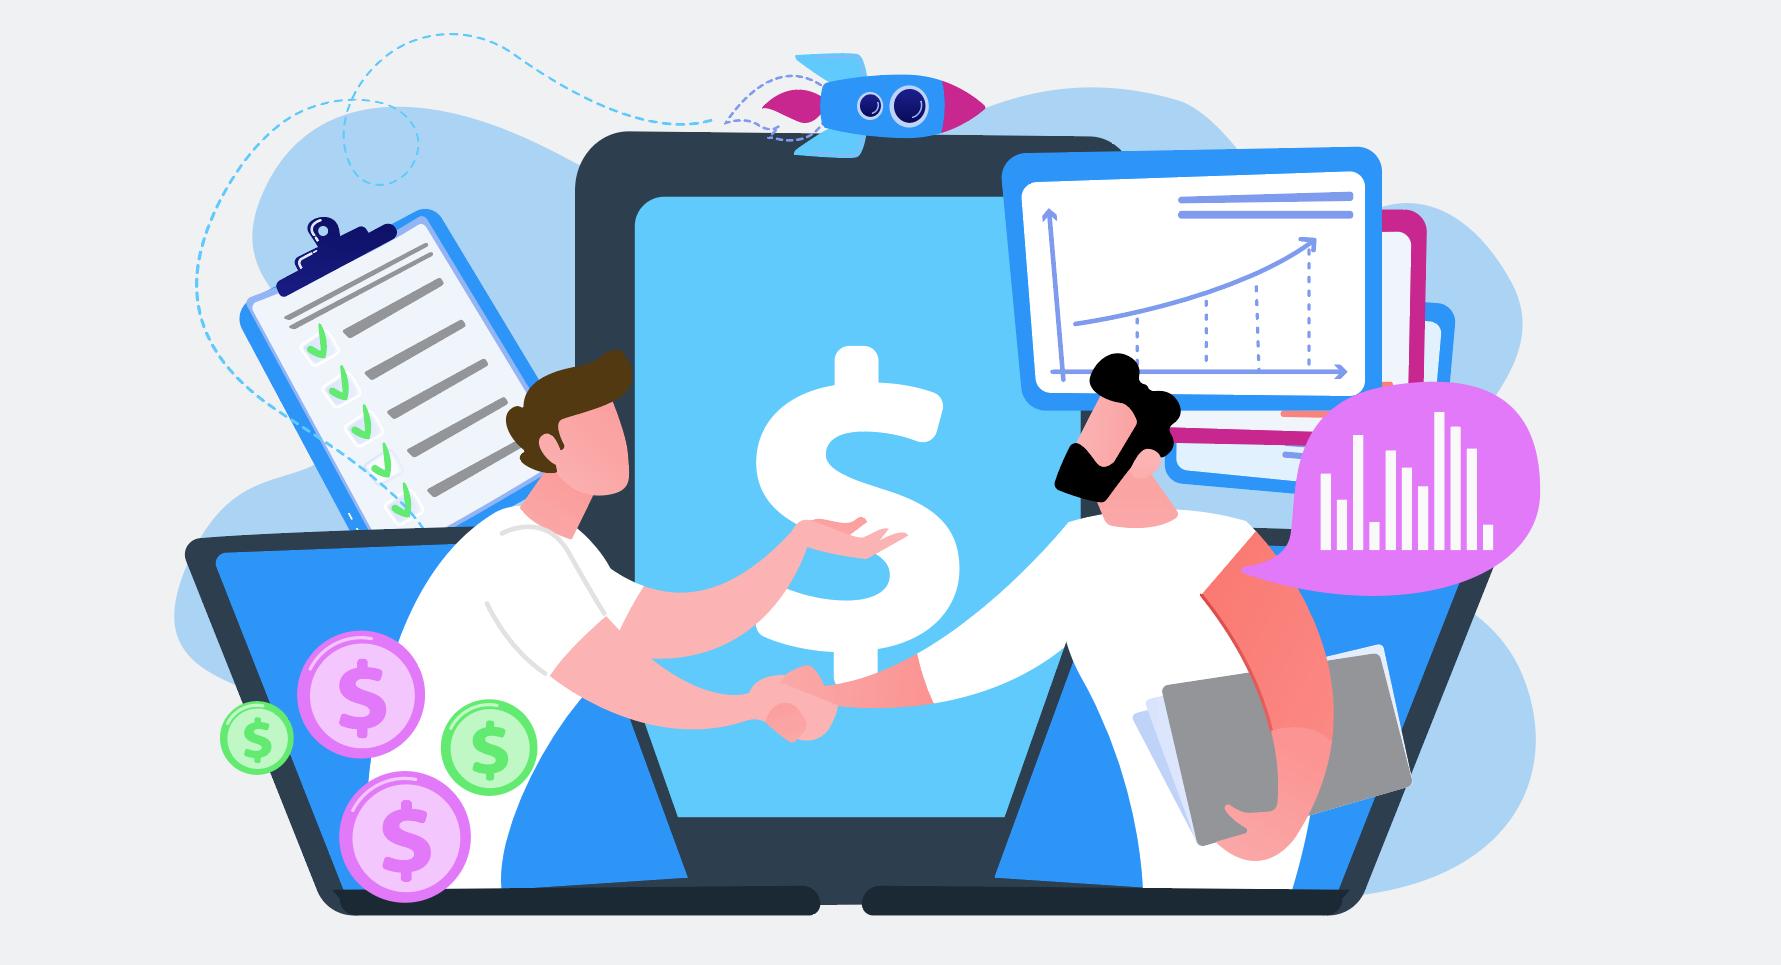 Utilize Sales Data to Drive More Revenue